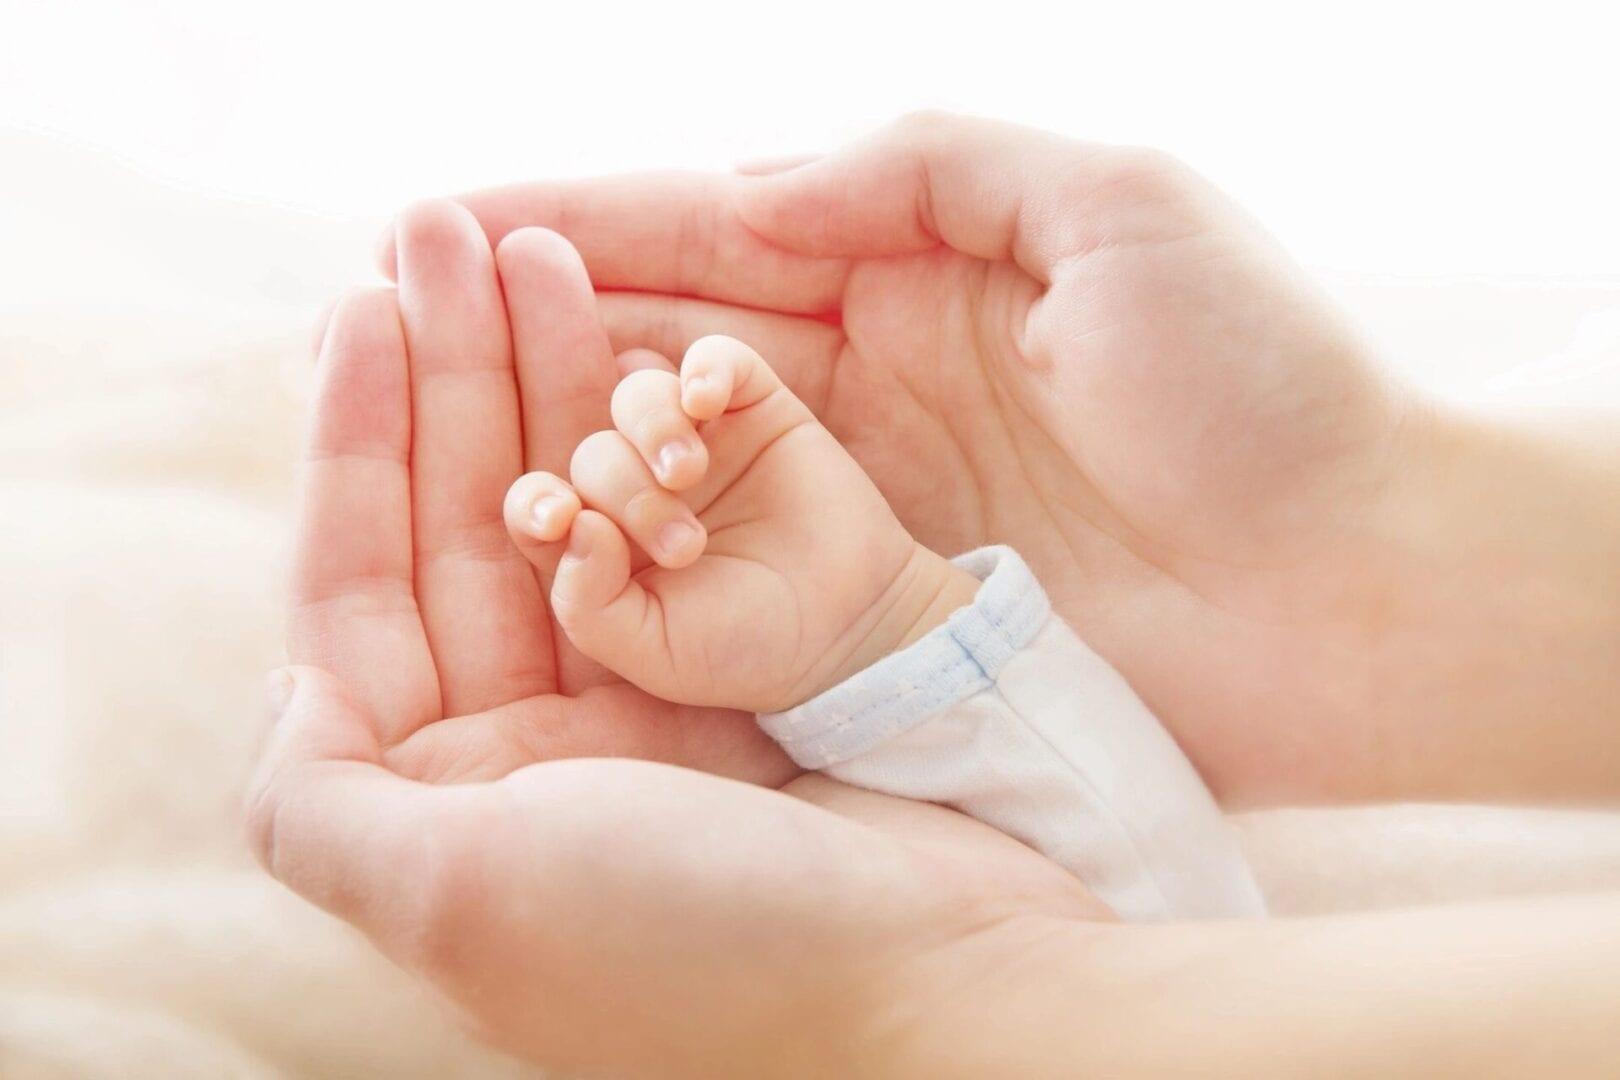 Baby hand in Adult hands